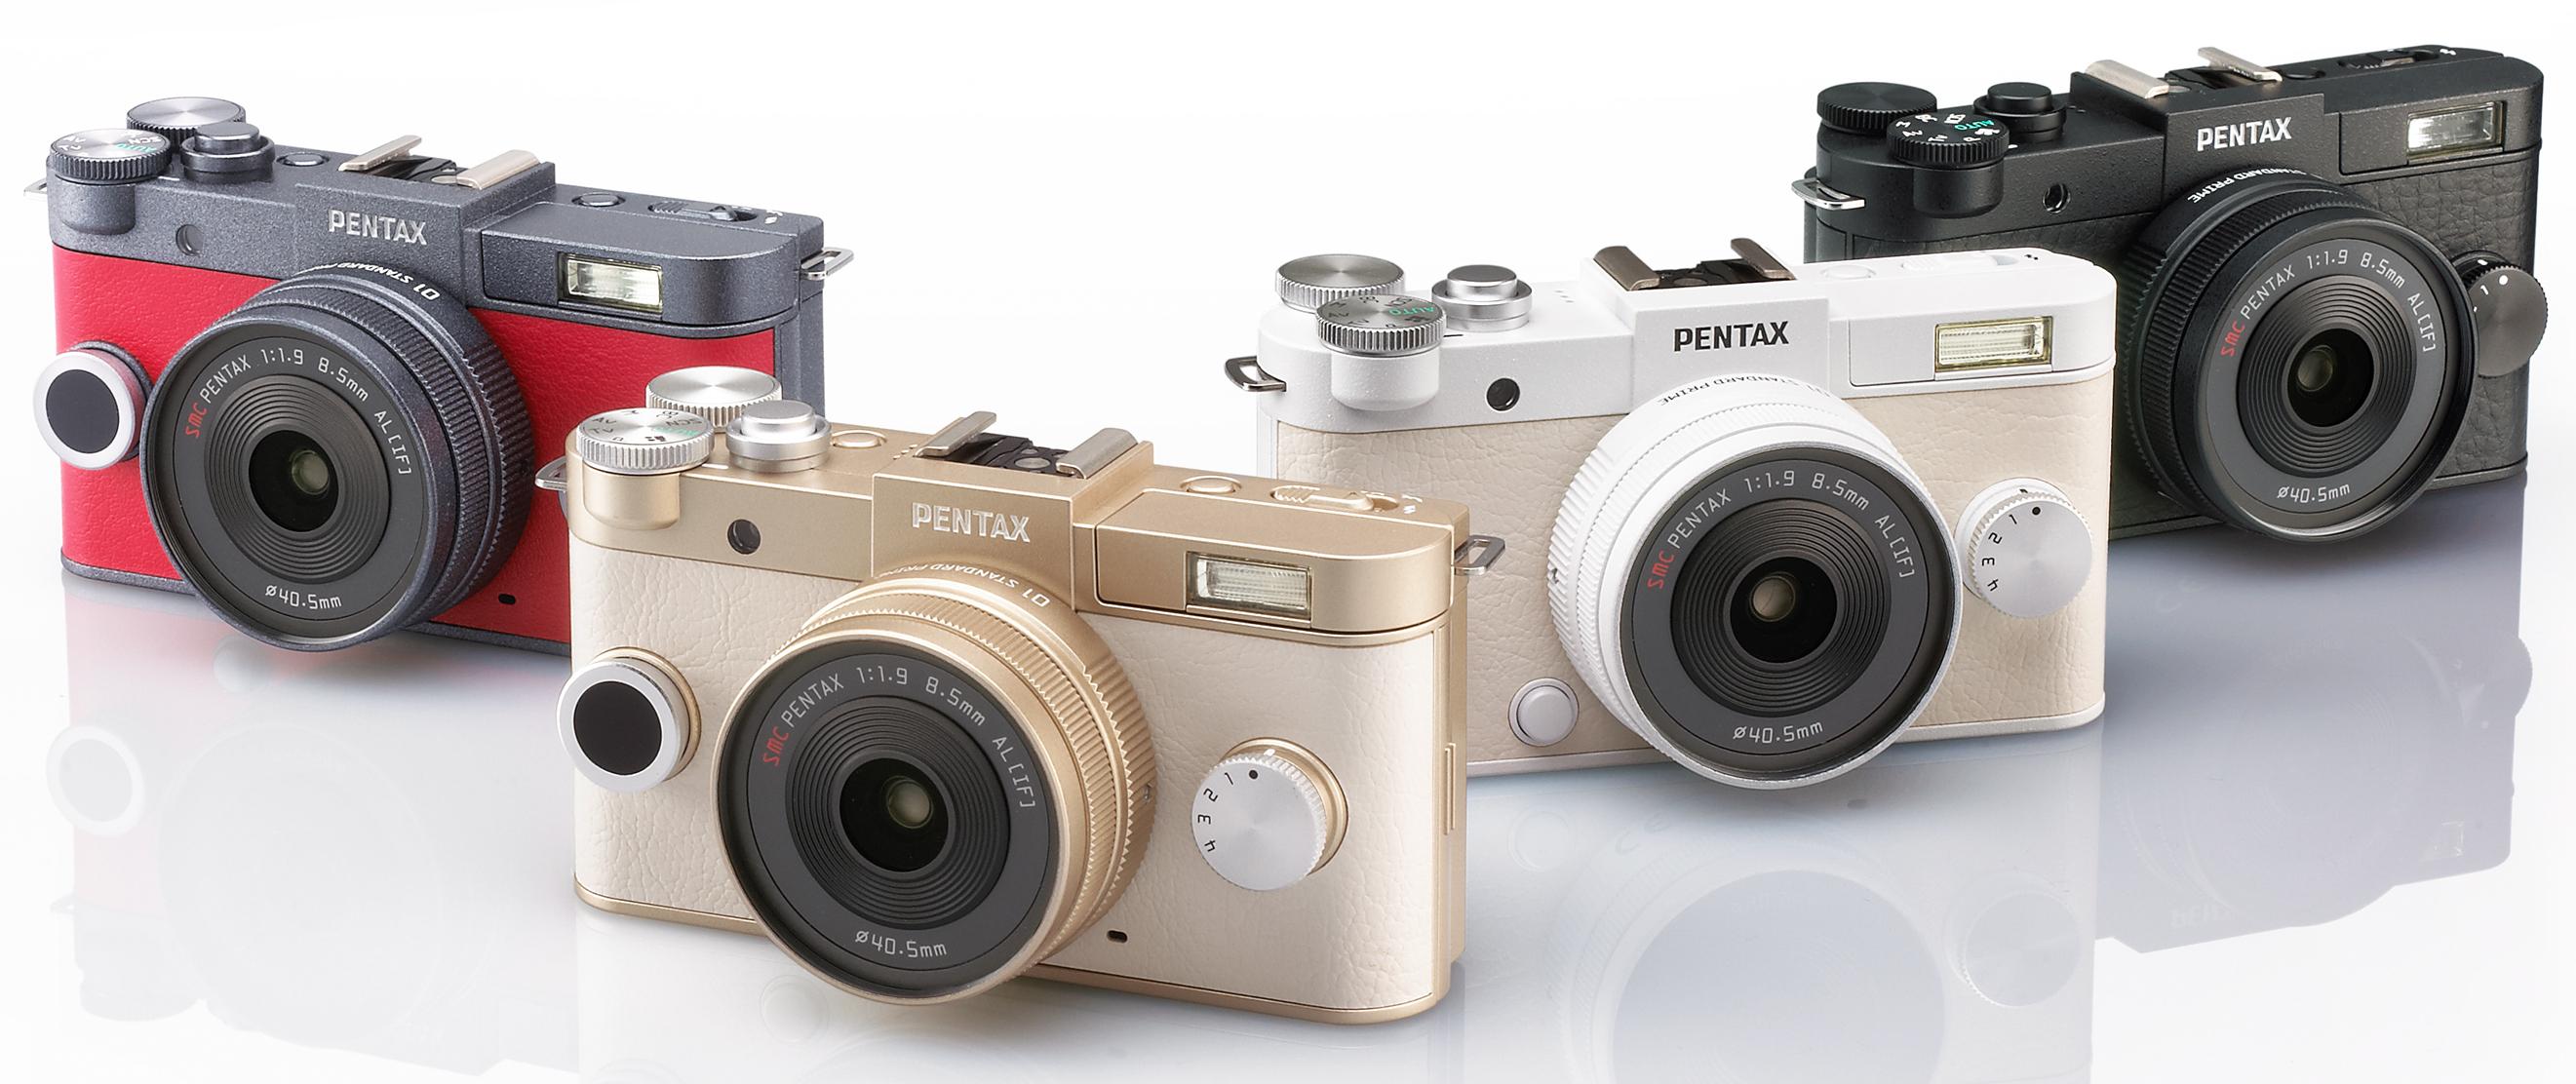 Pentax Q-S1: caratteristiche, uscita e prezzo della mirrorless